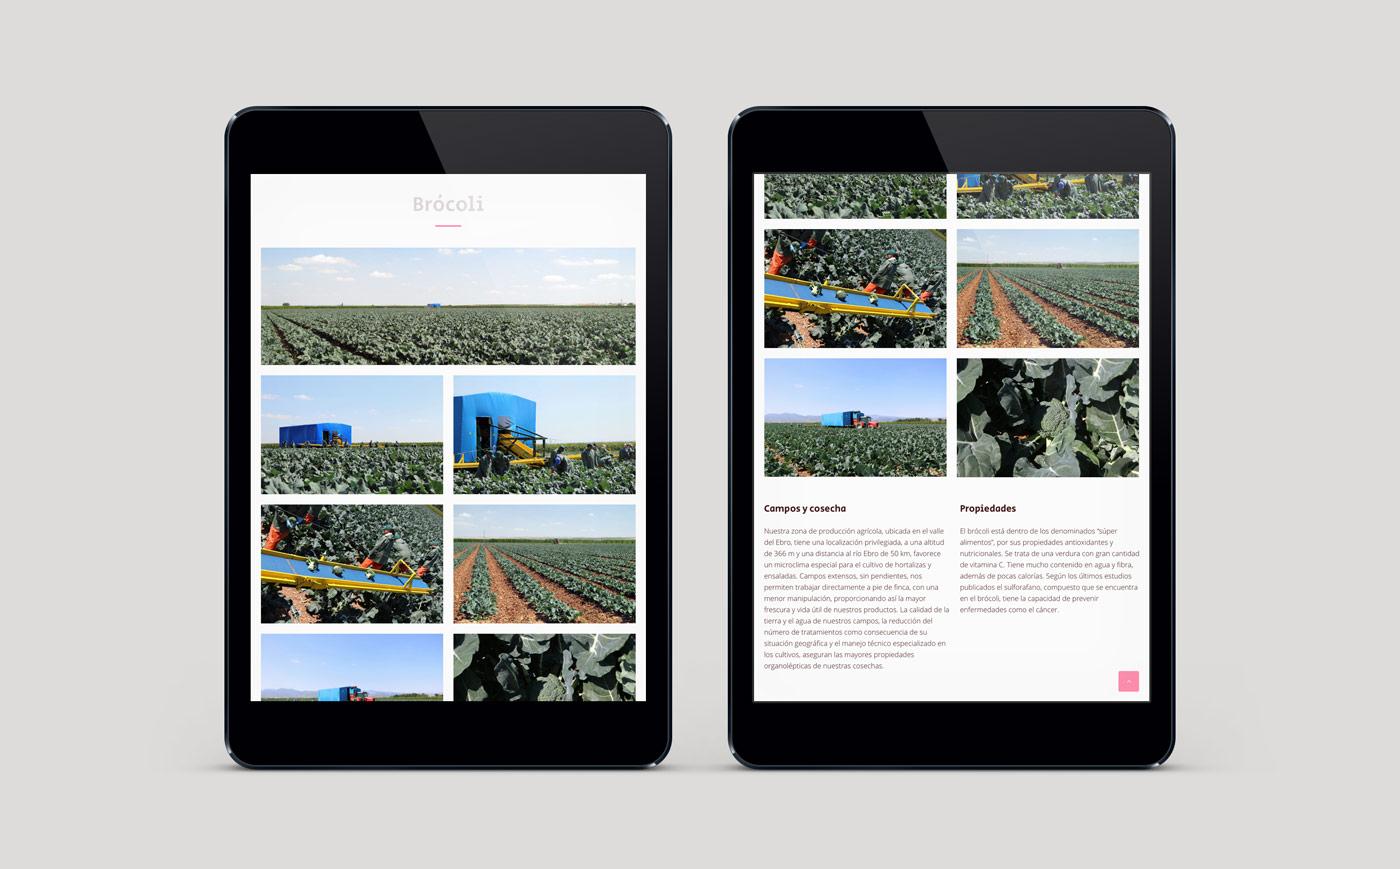 diseño de web sección álbum multimedia en 2 ipads para Actiture